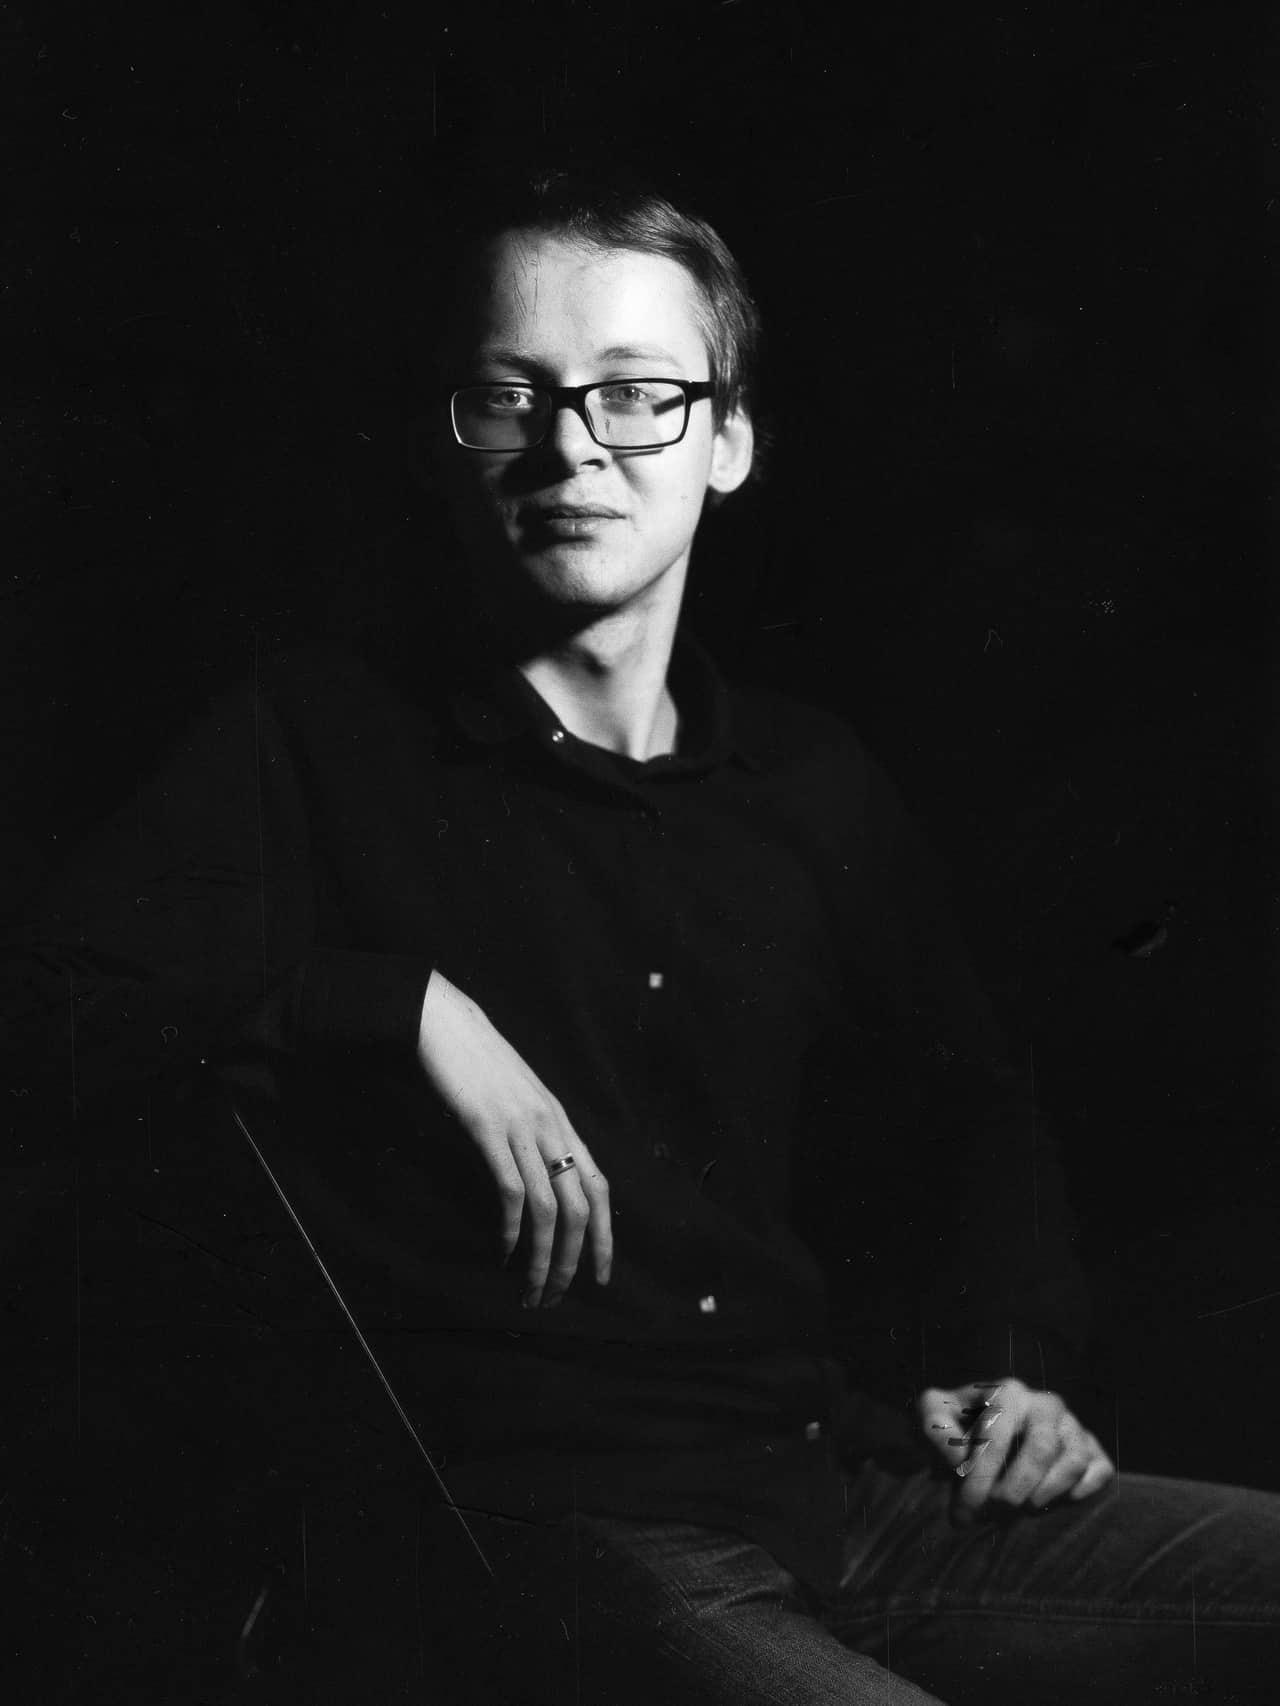 Juozas Kazlauskas